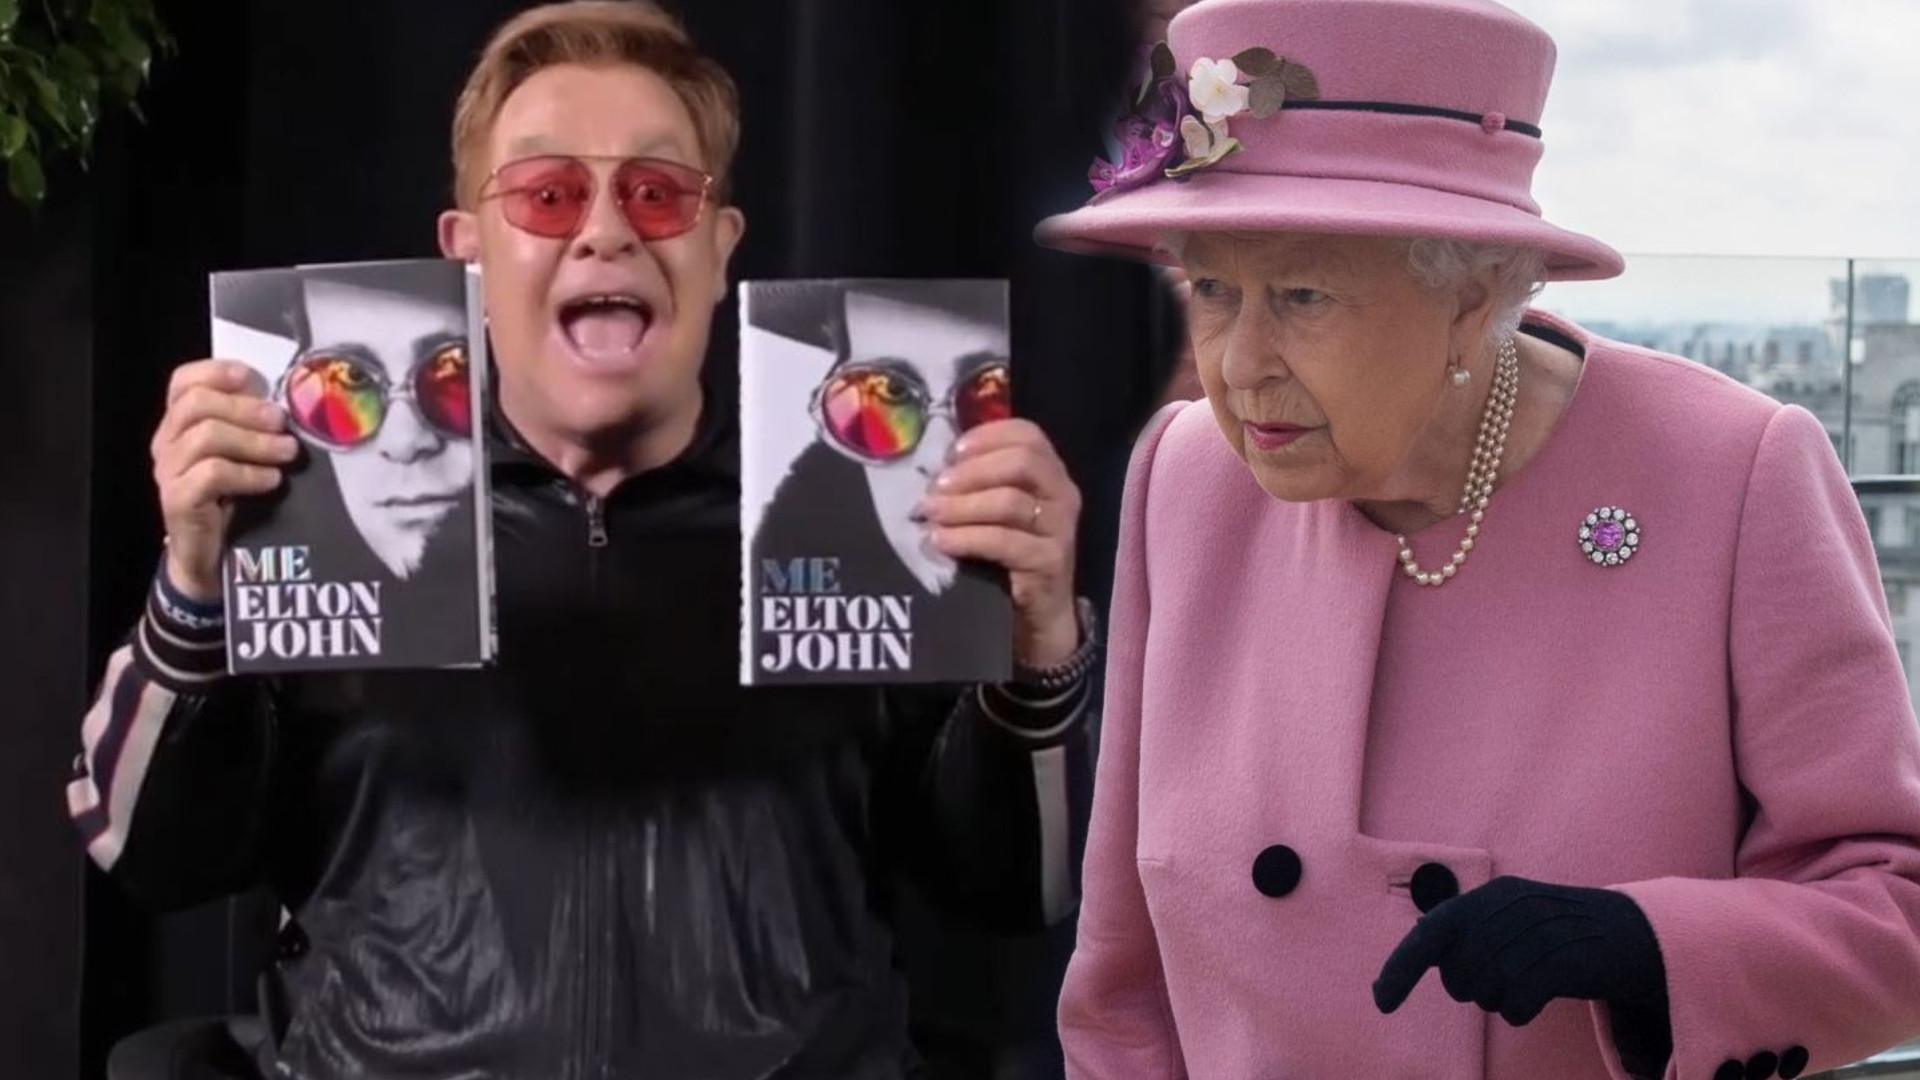 Jak królowa mogła zrobić coś takiego? Wyznanie Eltona Johna pokazuje, do czego zdolna jest Elżbieta